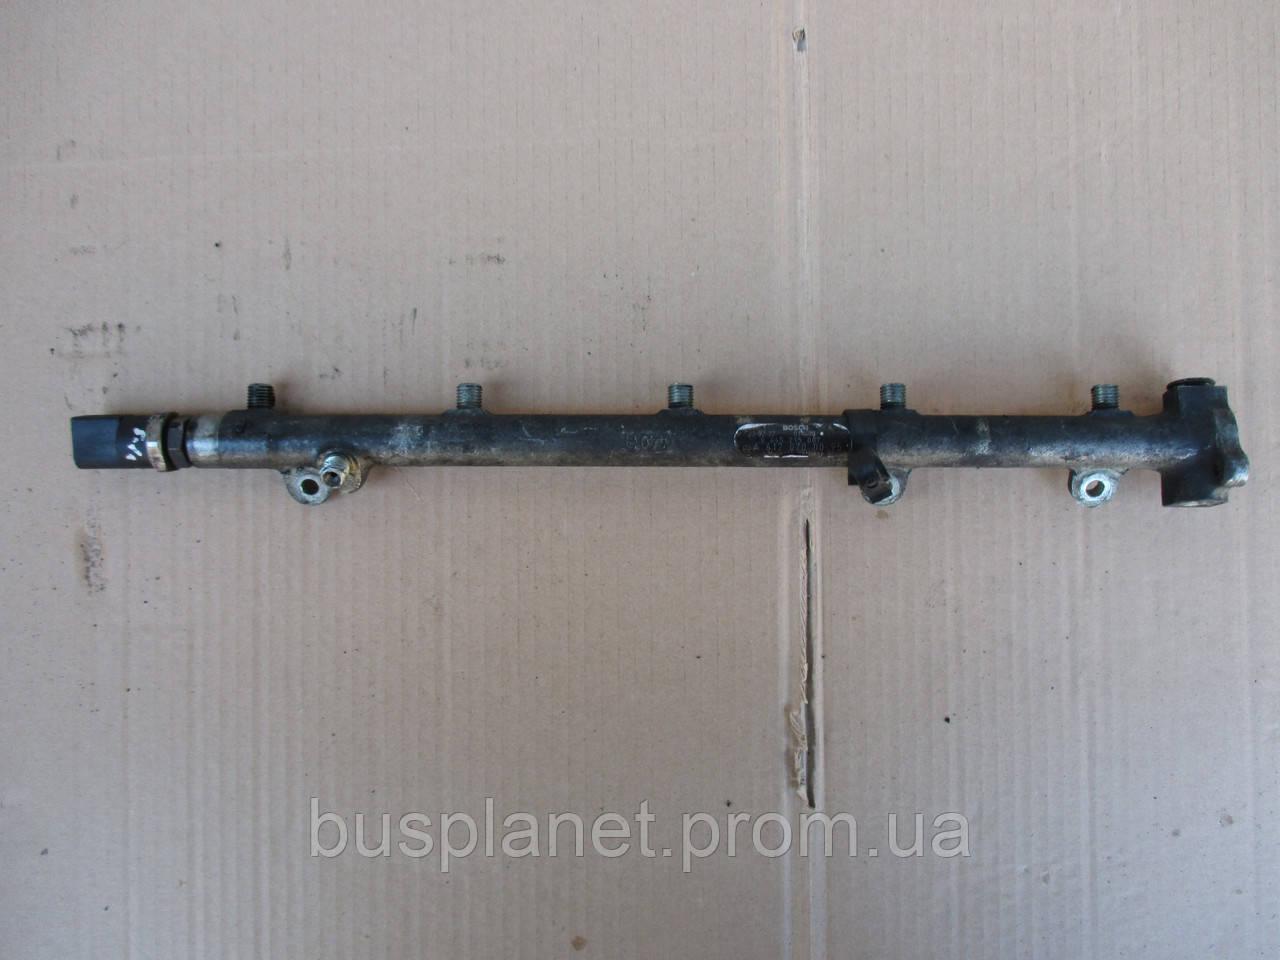 Рампа форсунок - Common Rail (топливная рейка, распределитель) (с передним датчиком)